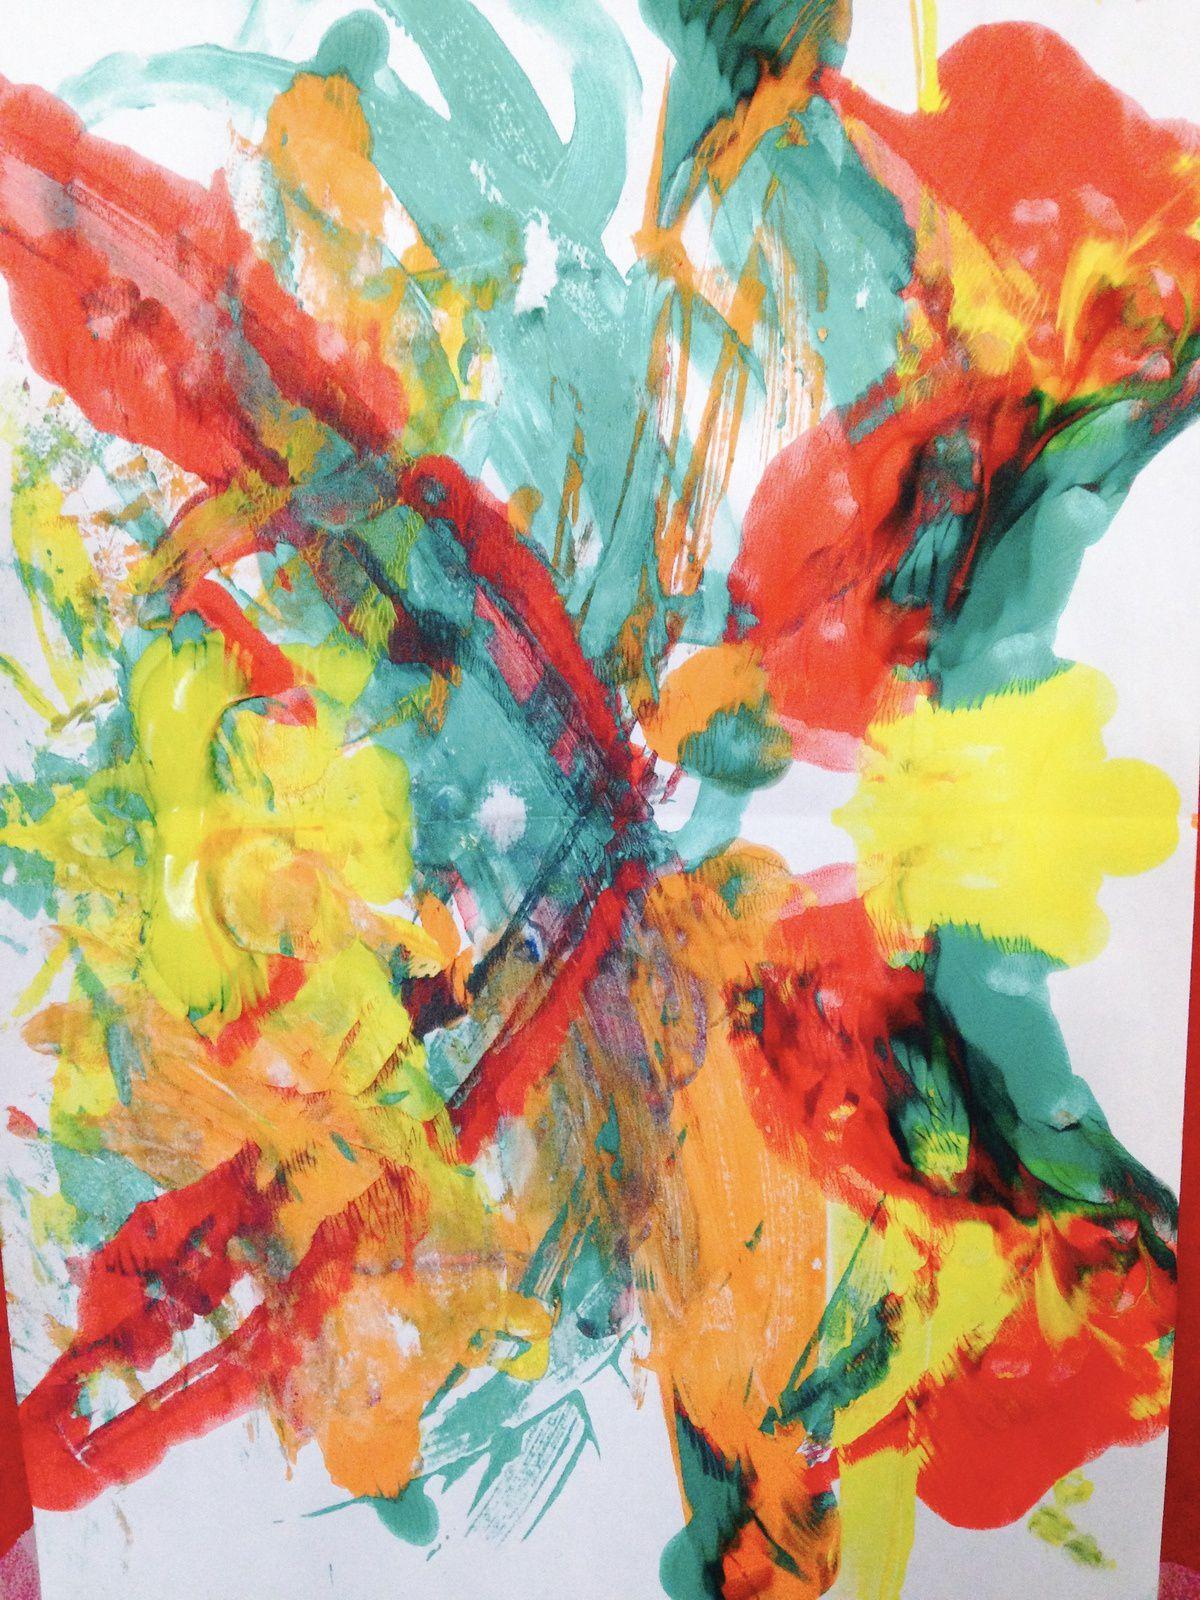 Une peinture surprise (de saison), réalisée par pliage (avec des enfants d'âge préscolaire)